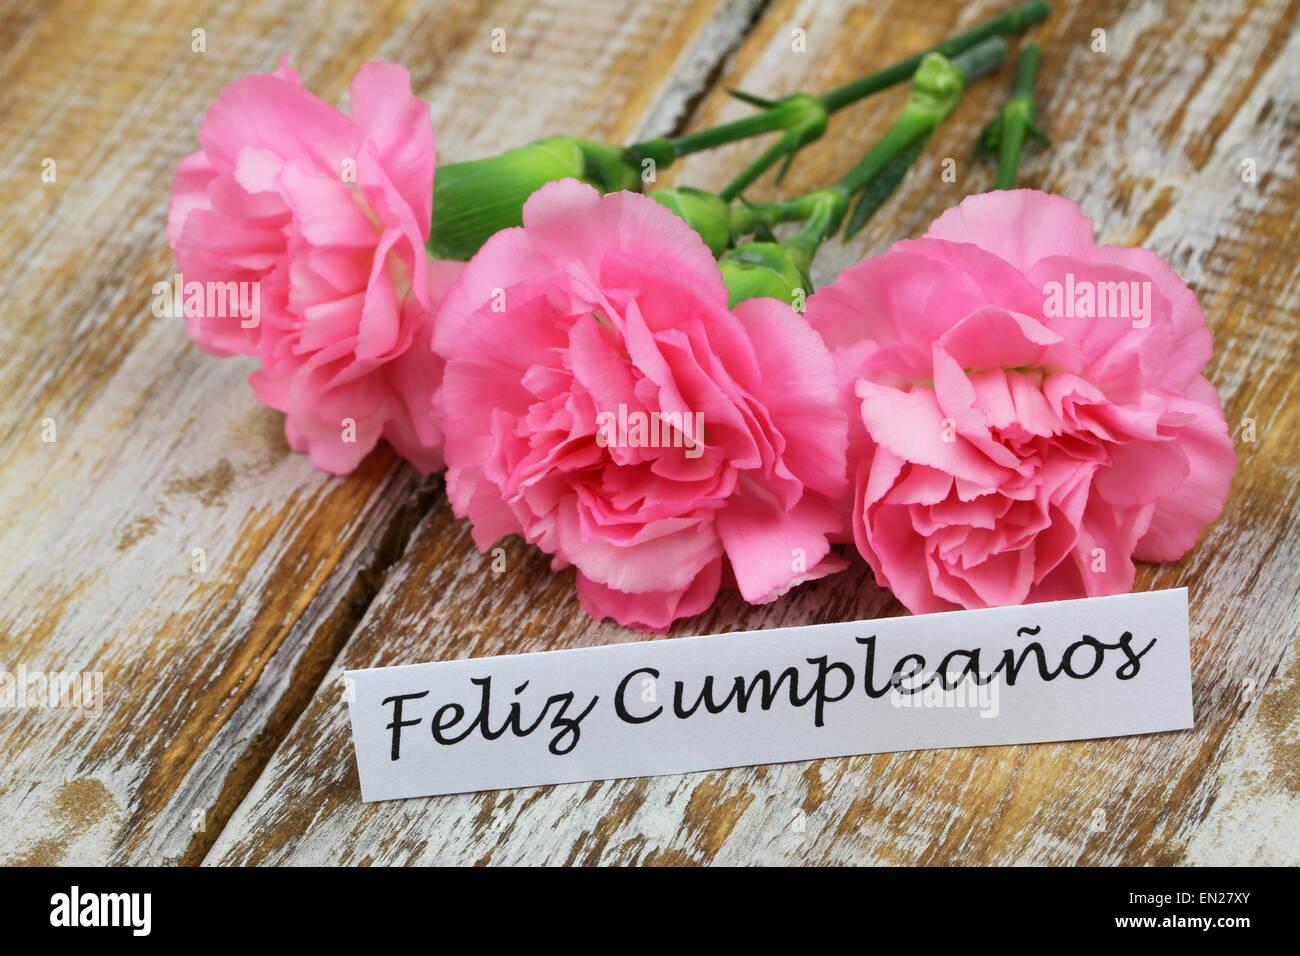 Feliz Cumpleanos Joyeux Anniversaire En Espagnol Carte Avec Des